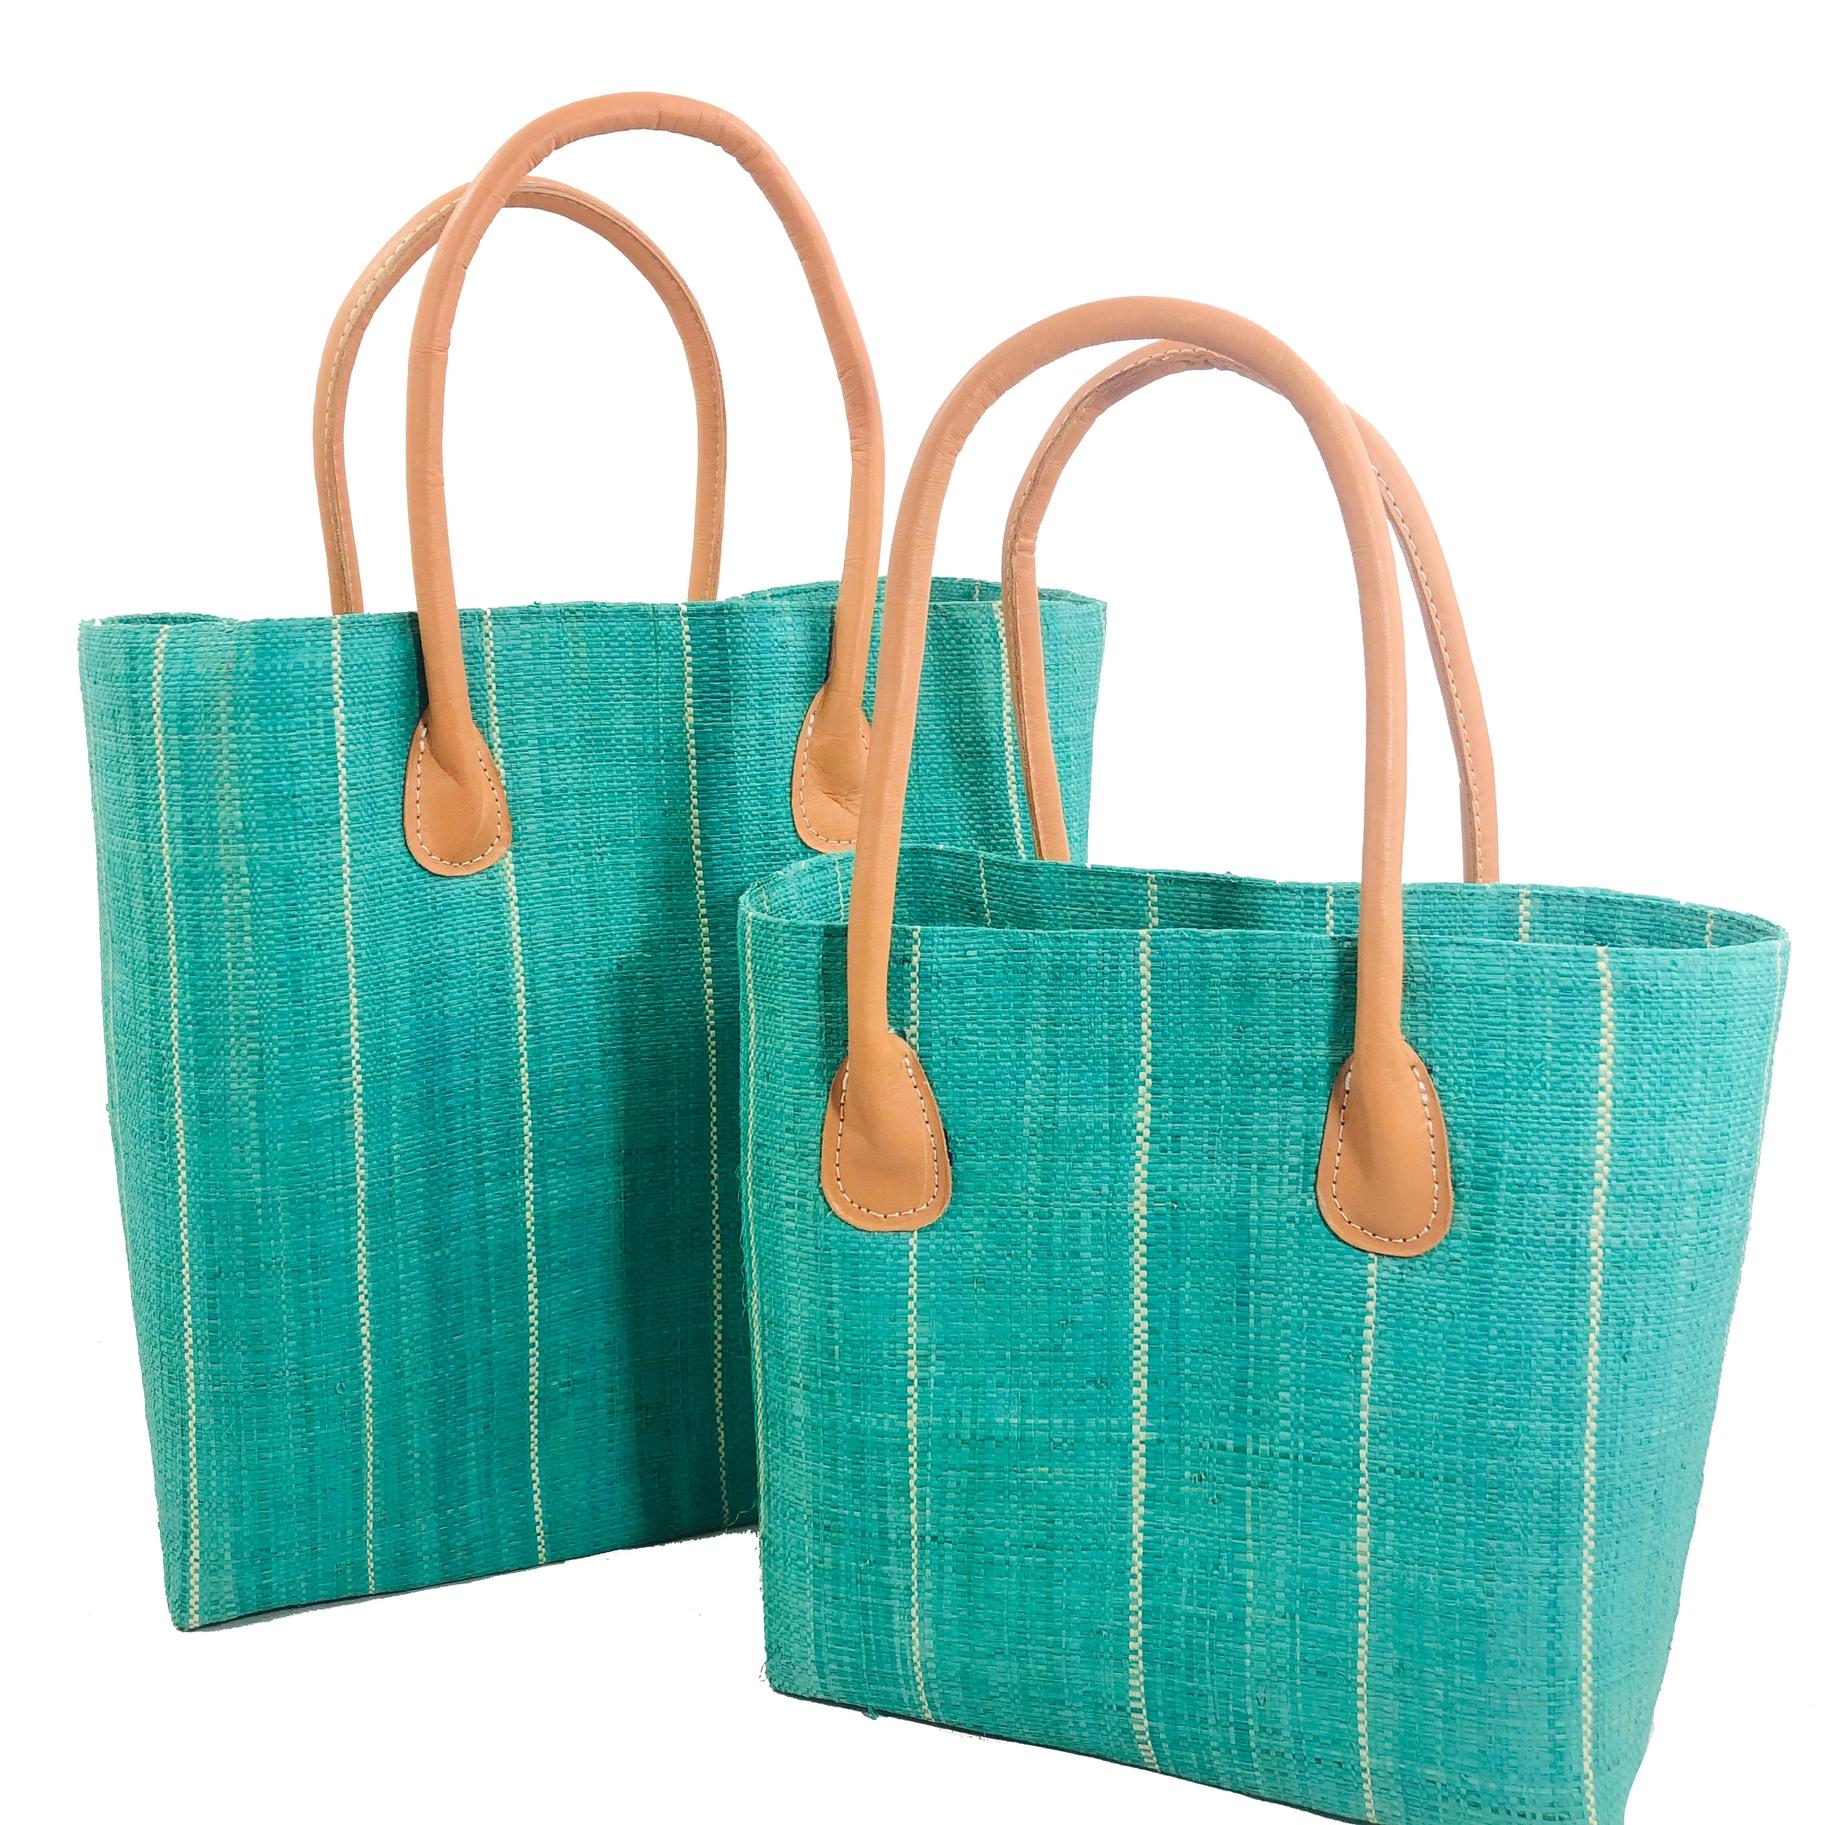 Soubic Pin Stripes Basket - Mint | Trada Marketplace